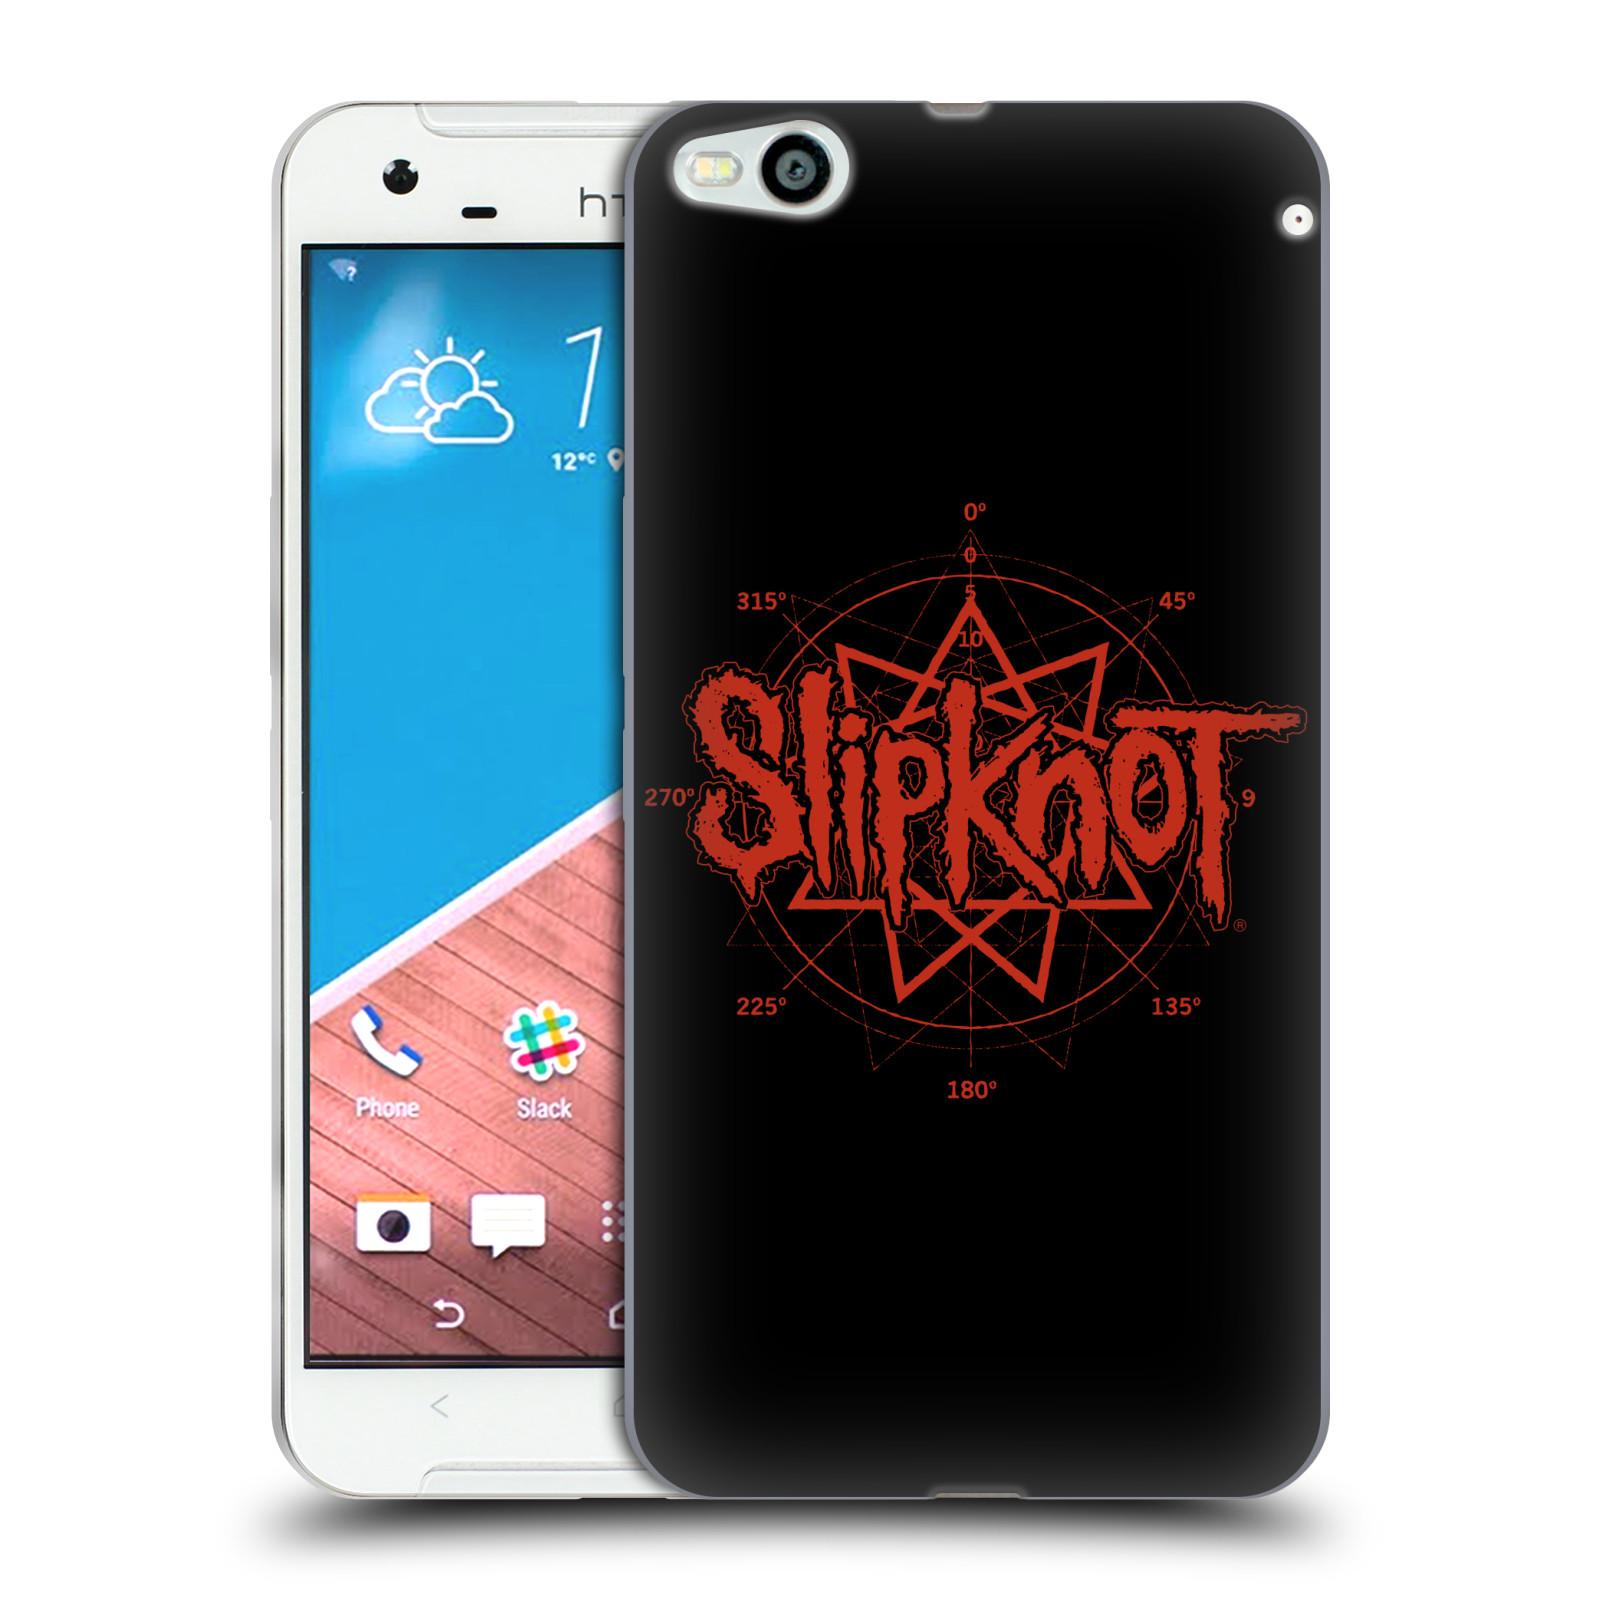 HEAD CASE silikonový obal na mobil HTC One X9 hudební skupina Slipknot logo